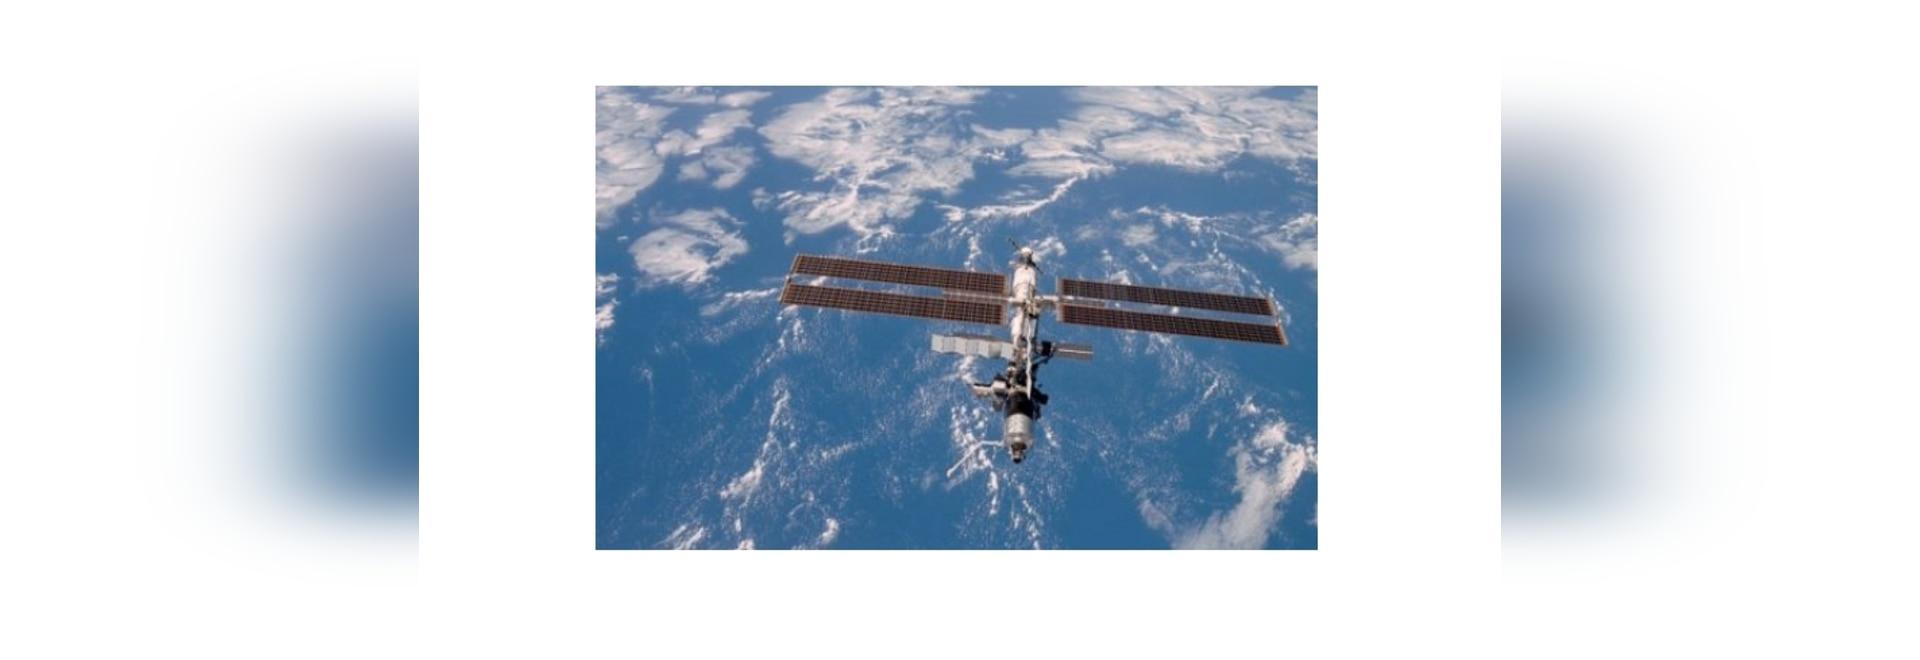 Une étude menée par des astronautes met en évidence le risque de caillots sanguins dans la veine jugulaire interne pendant un vol spatial